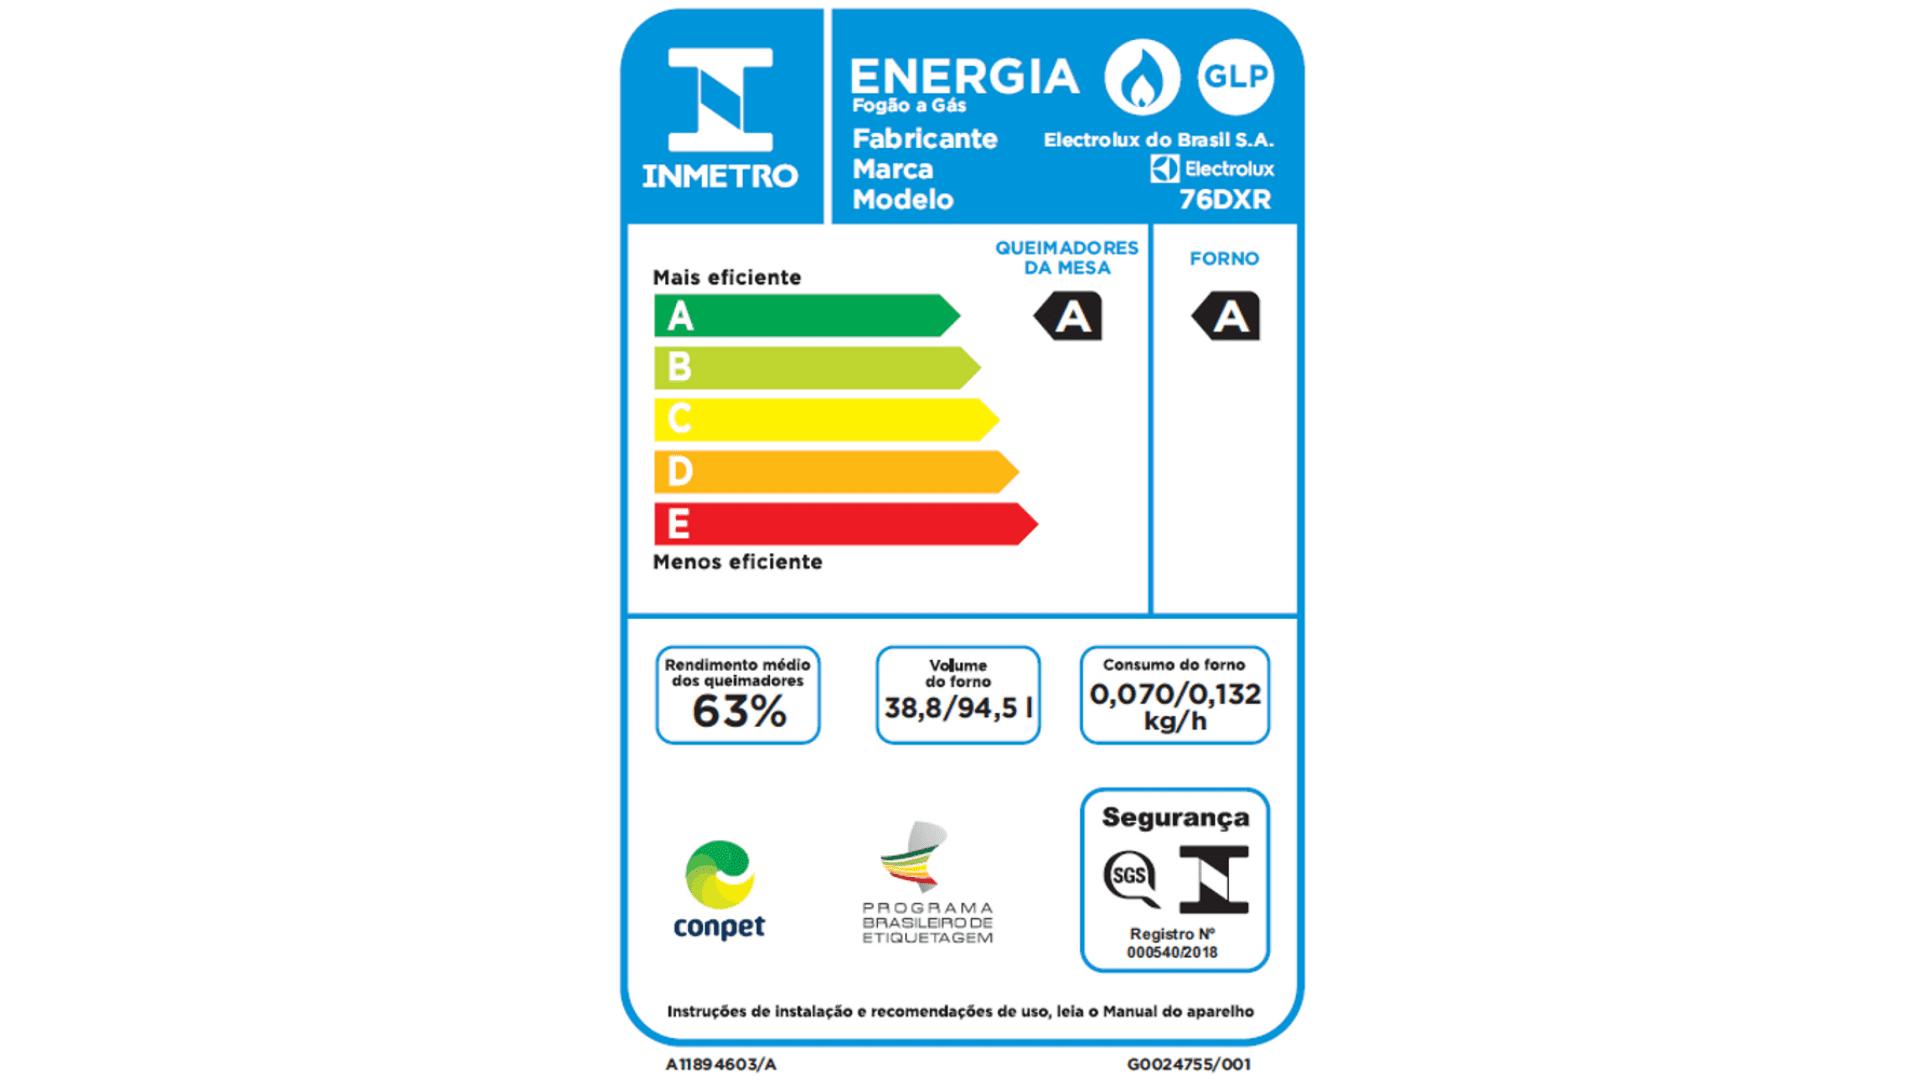 Por sua boa eficiência energética, esse aparelho tem classificação A no selo Compet (Imagem: Divugação/Electrolux)